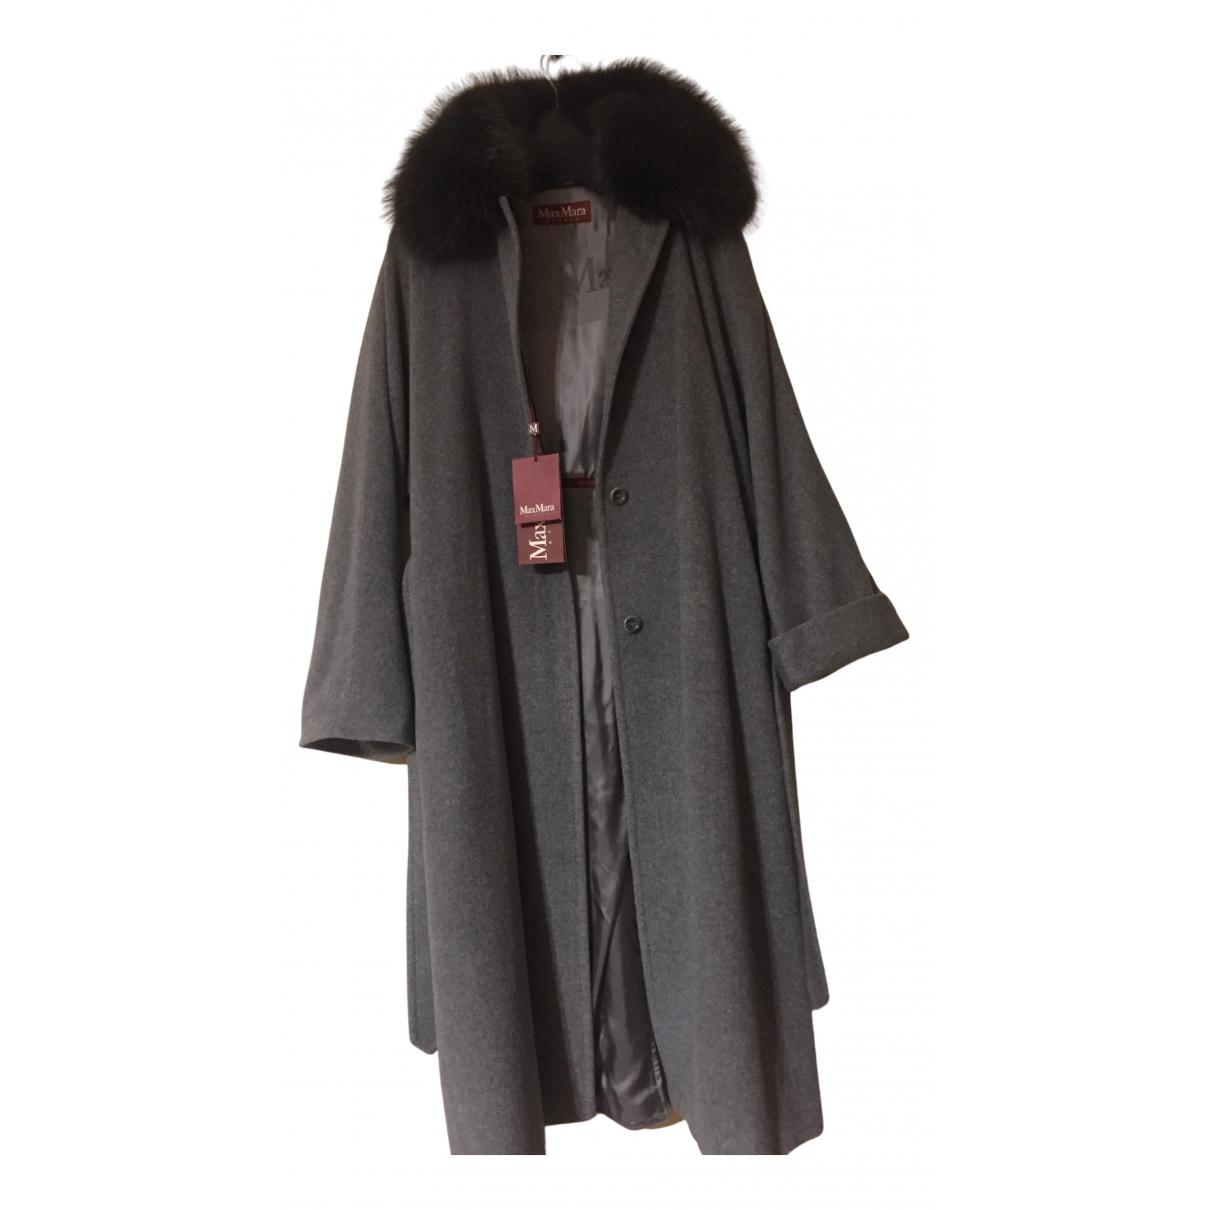 Max Mara Studio - Manteau   pour femme en laine - gris